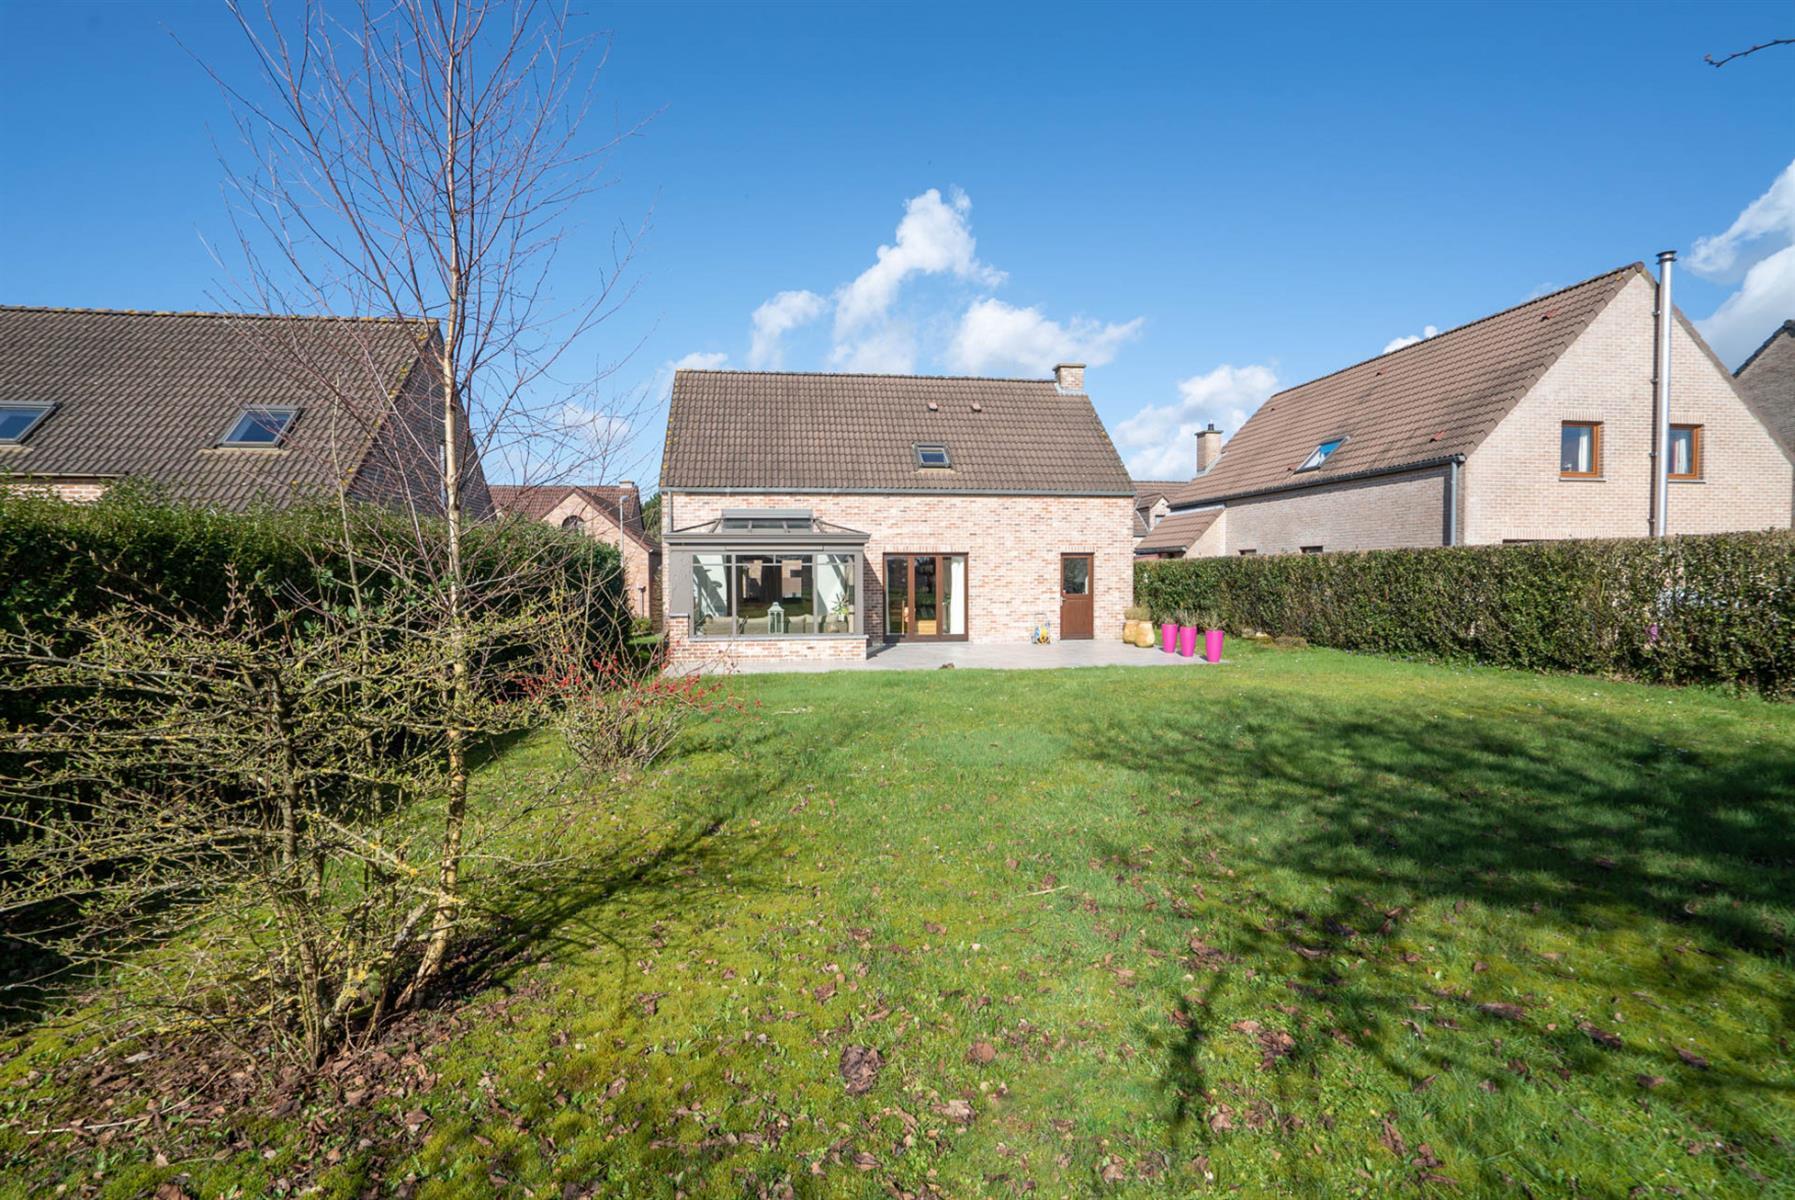 Villa - Chaumont-Gistoux - #4006823-28